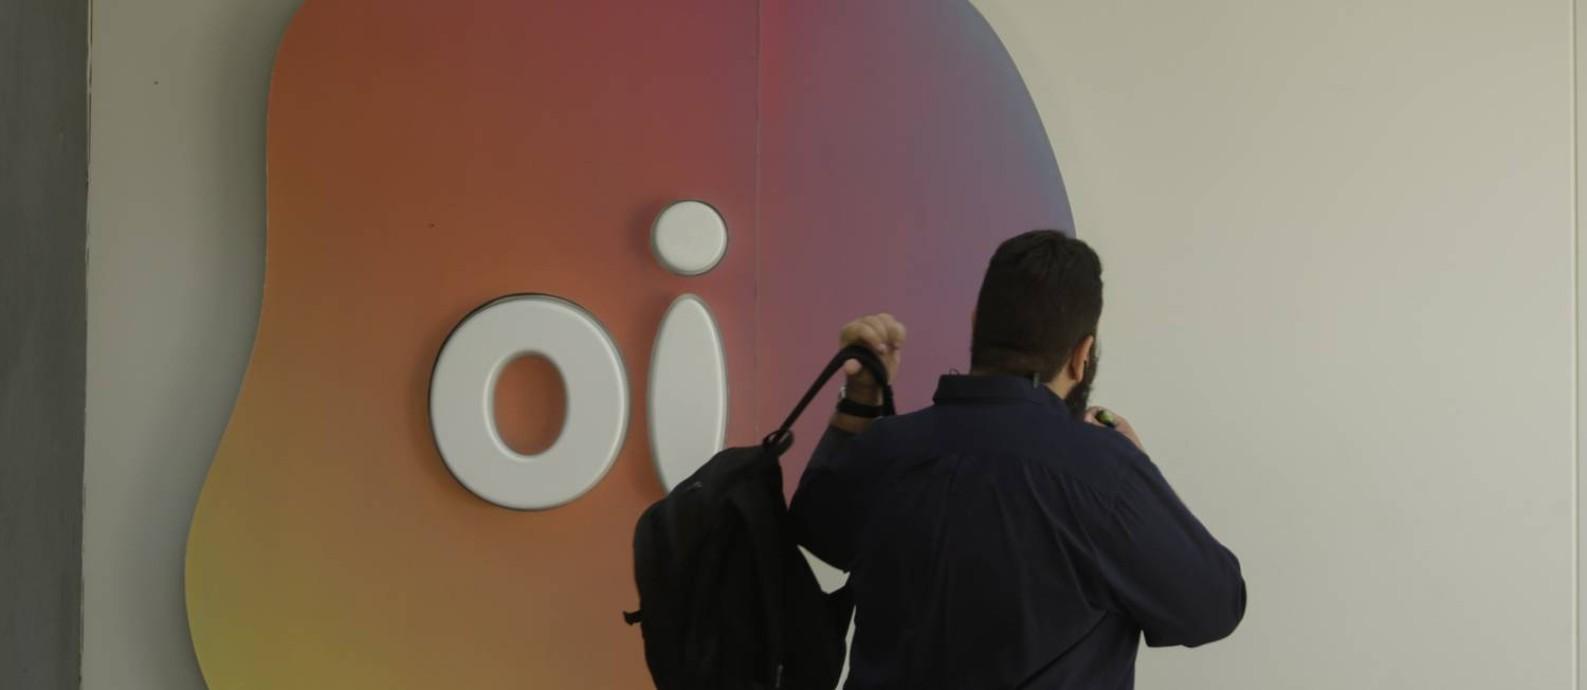 Negócio de telefonia móvel da Oi estava na mira de consórcio formado por Vivo, Tim e Claro Foto: Gabriel de Paiva / Agência O Globo